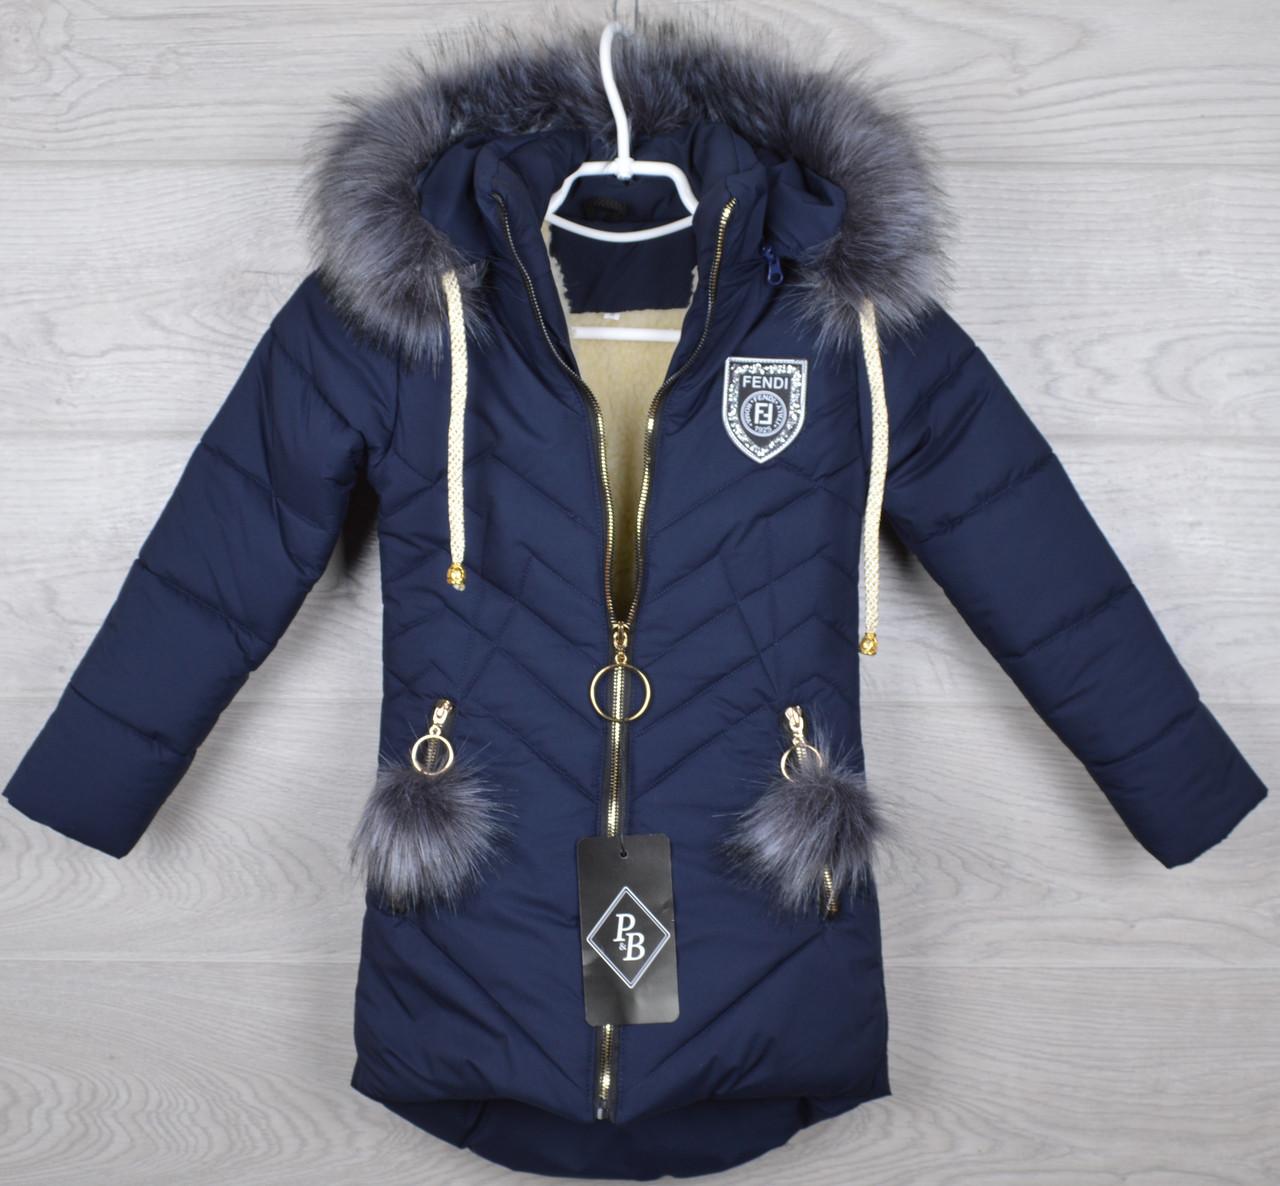 """Куртка зимняя """"Fendi реплика"""" для девочек. 5-6-7-8-9 лет (110-134 см). Темно-синяя. Оптом."""